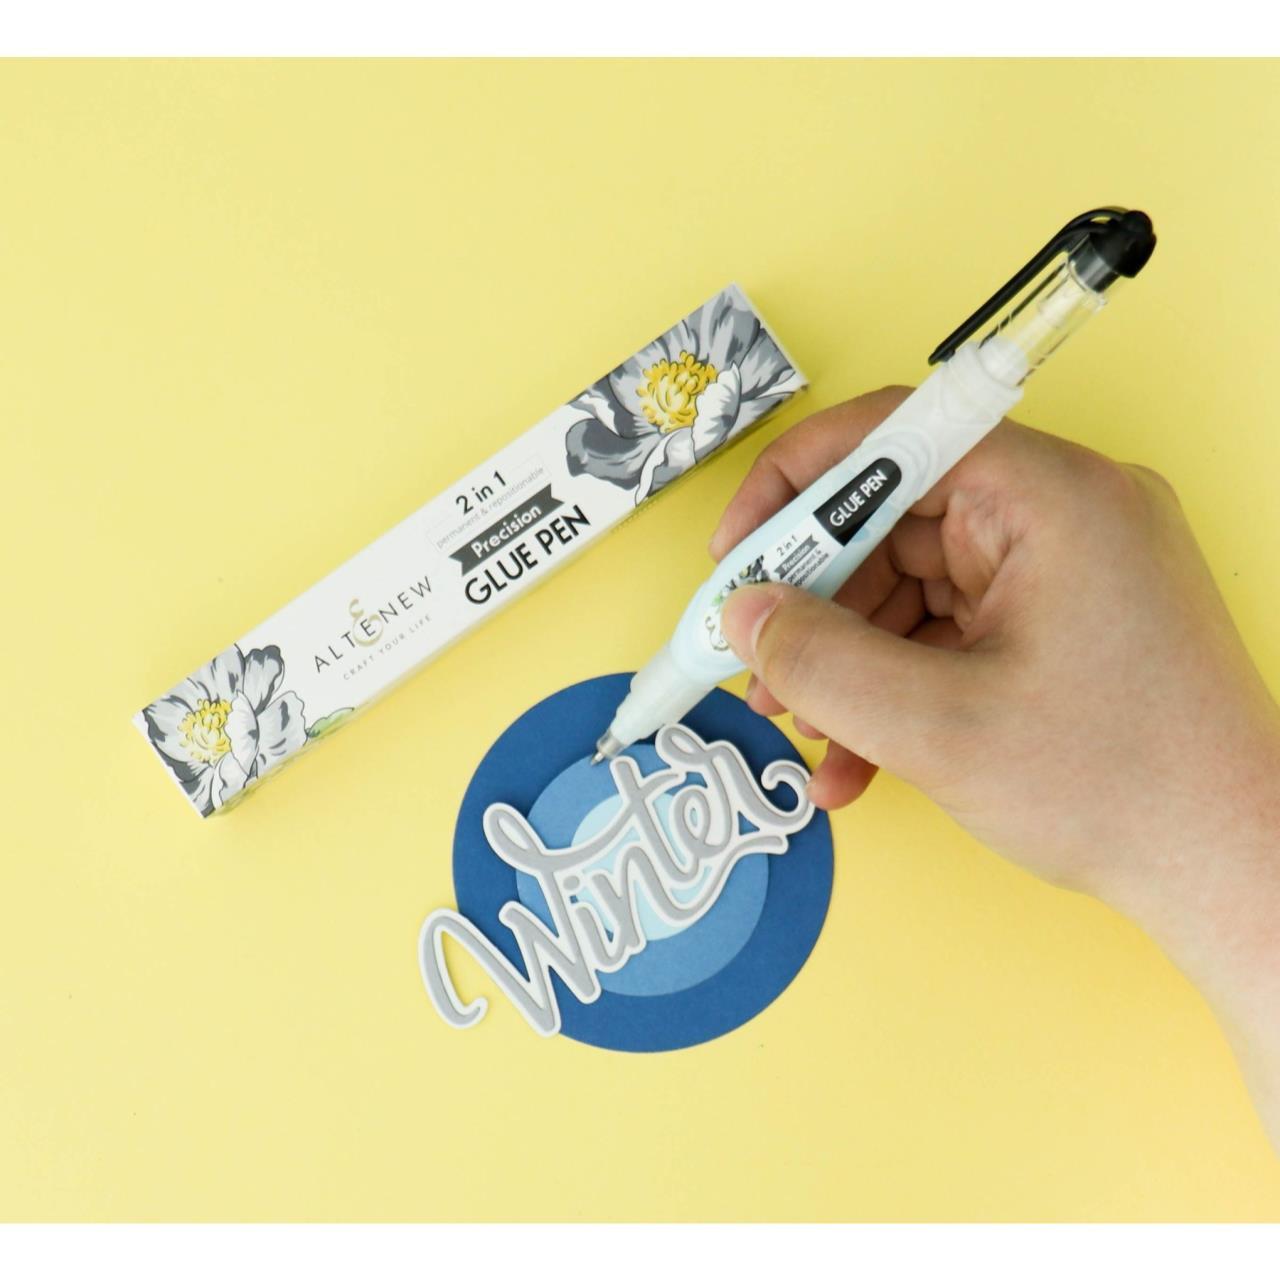 2 in 1 Precision Glue Pen, Altenew - 737787267769